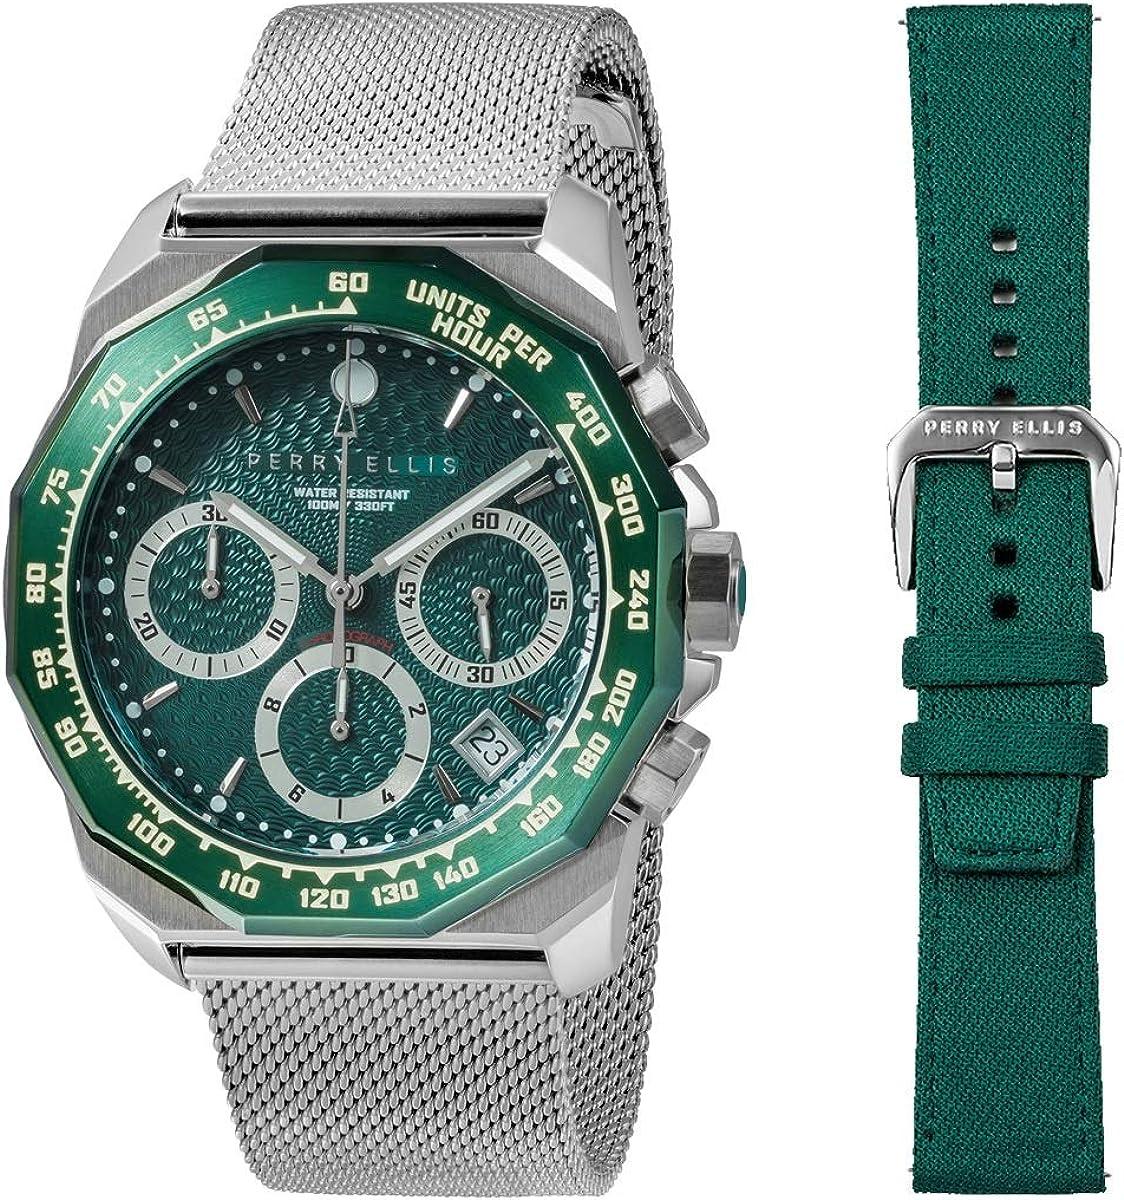 Perry Ellis 09011-04#LS101 - Reloj analógico de Cuarzo para Hombre ...